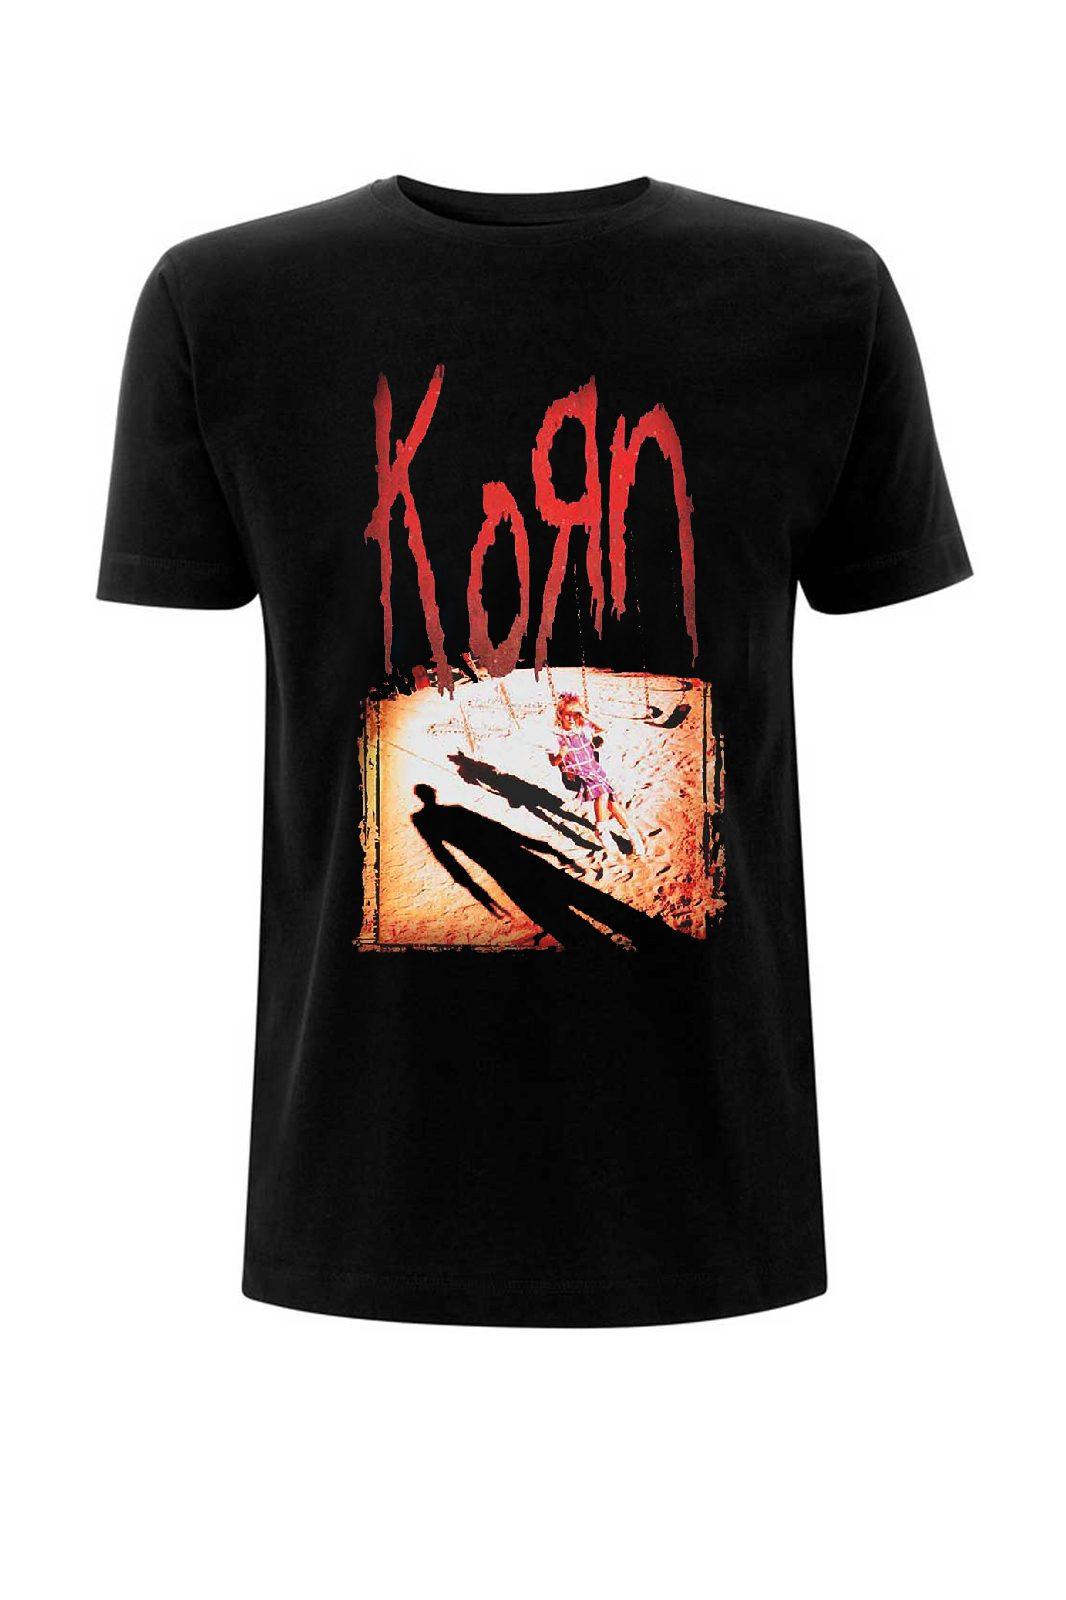 Tee Korn Korn Black